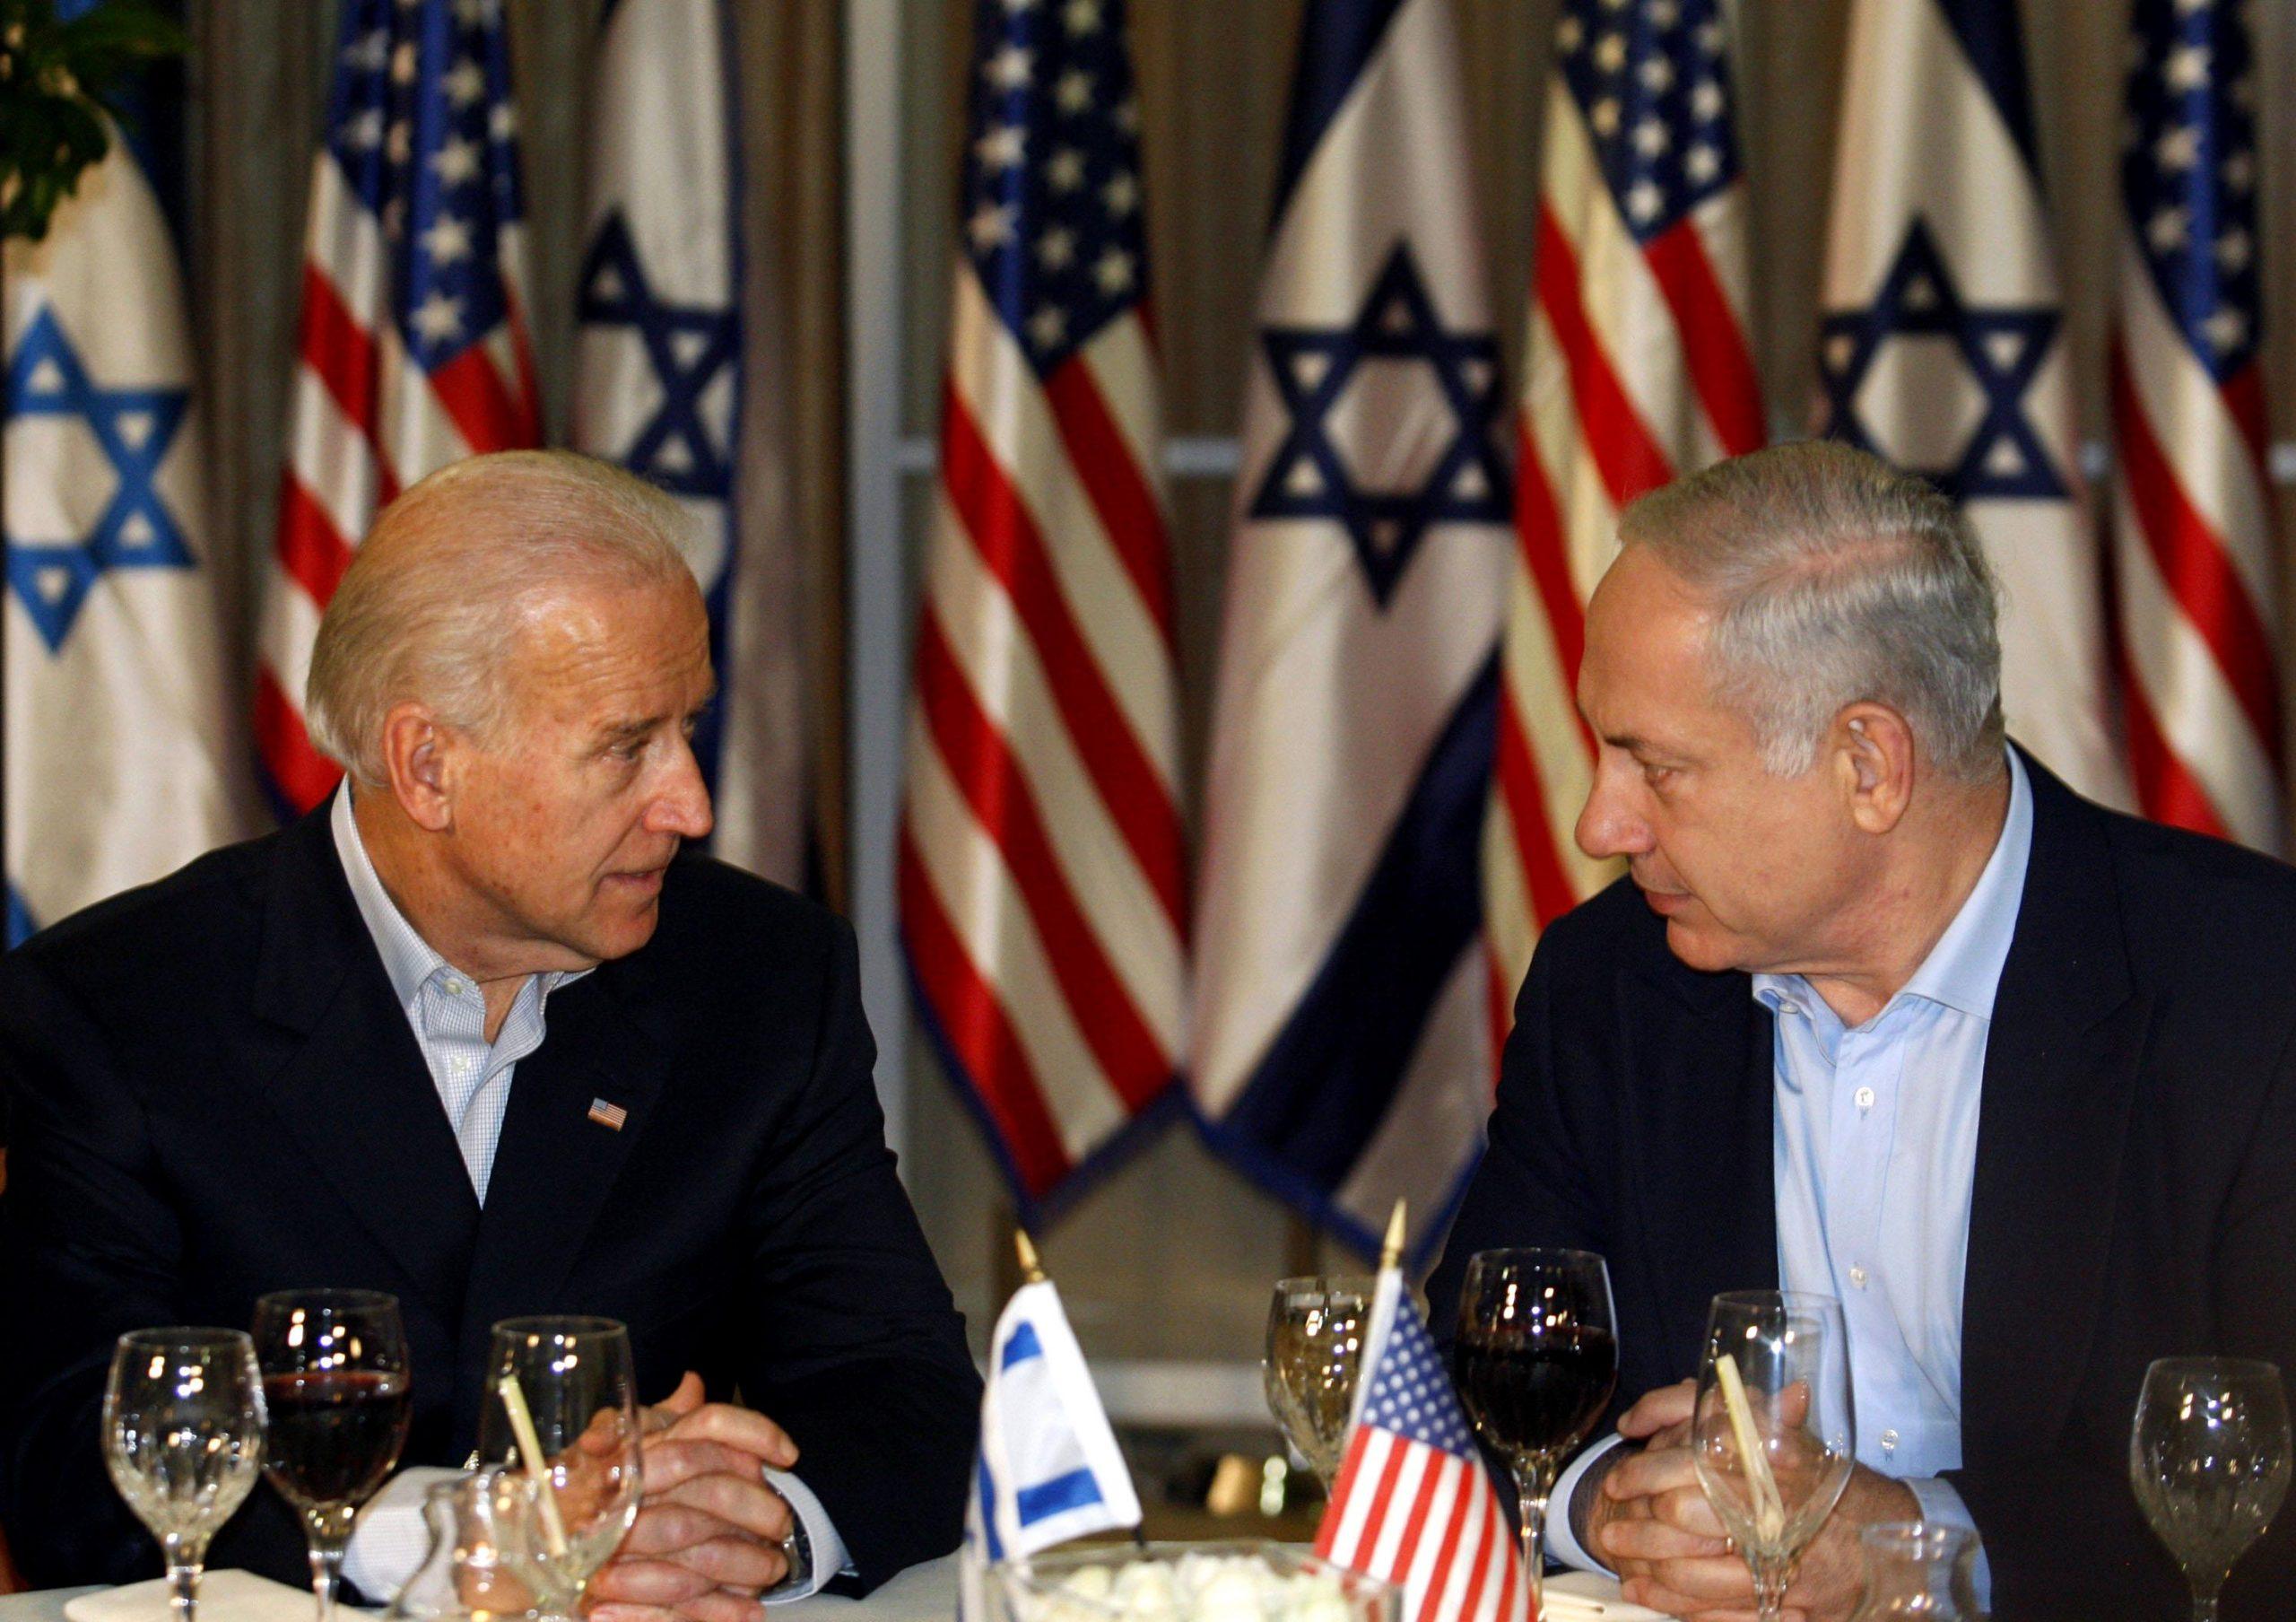 Striscia di Gaza, diplomazia al lavoro ma la tregua è lontana. L'equilibrismo di Biden